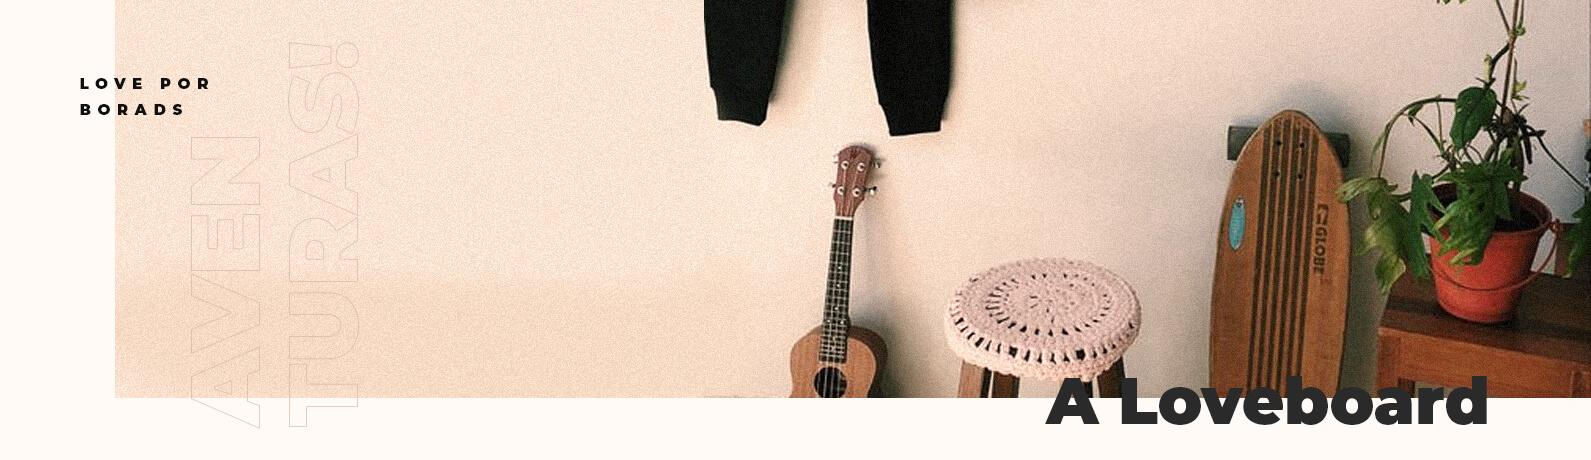 Mostra uma parece com alguns itens, uma vaso com planta, cavaquinho, um longboard com adesivo da loveboard e um banquinho com capa de crochê.